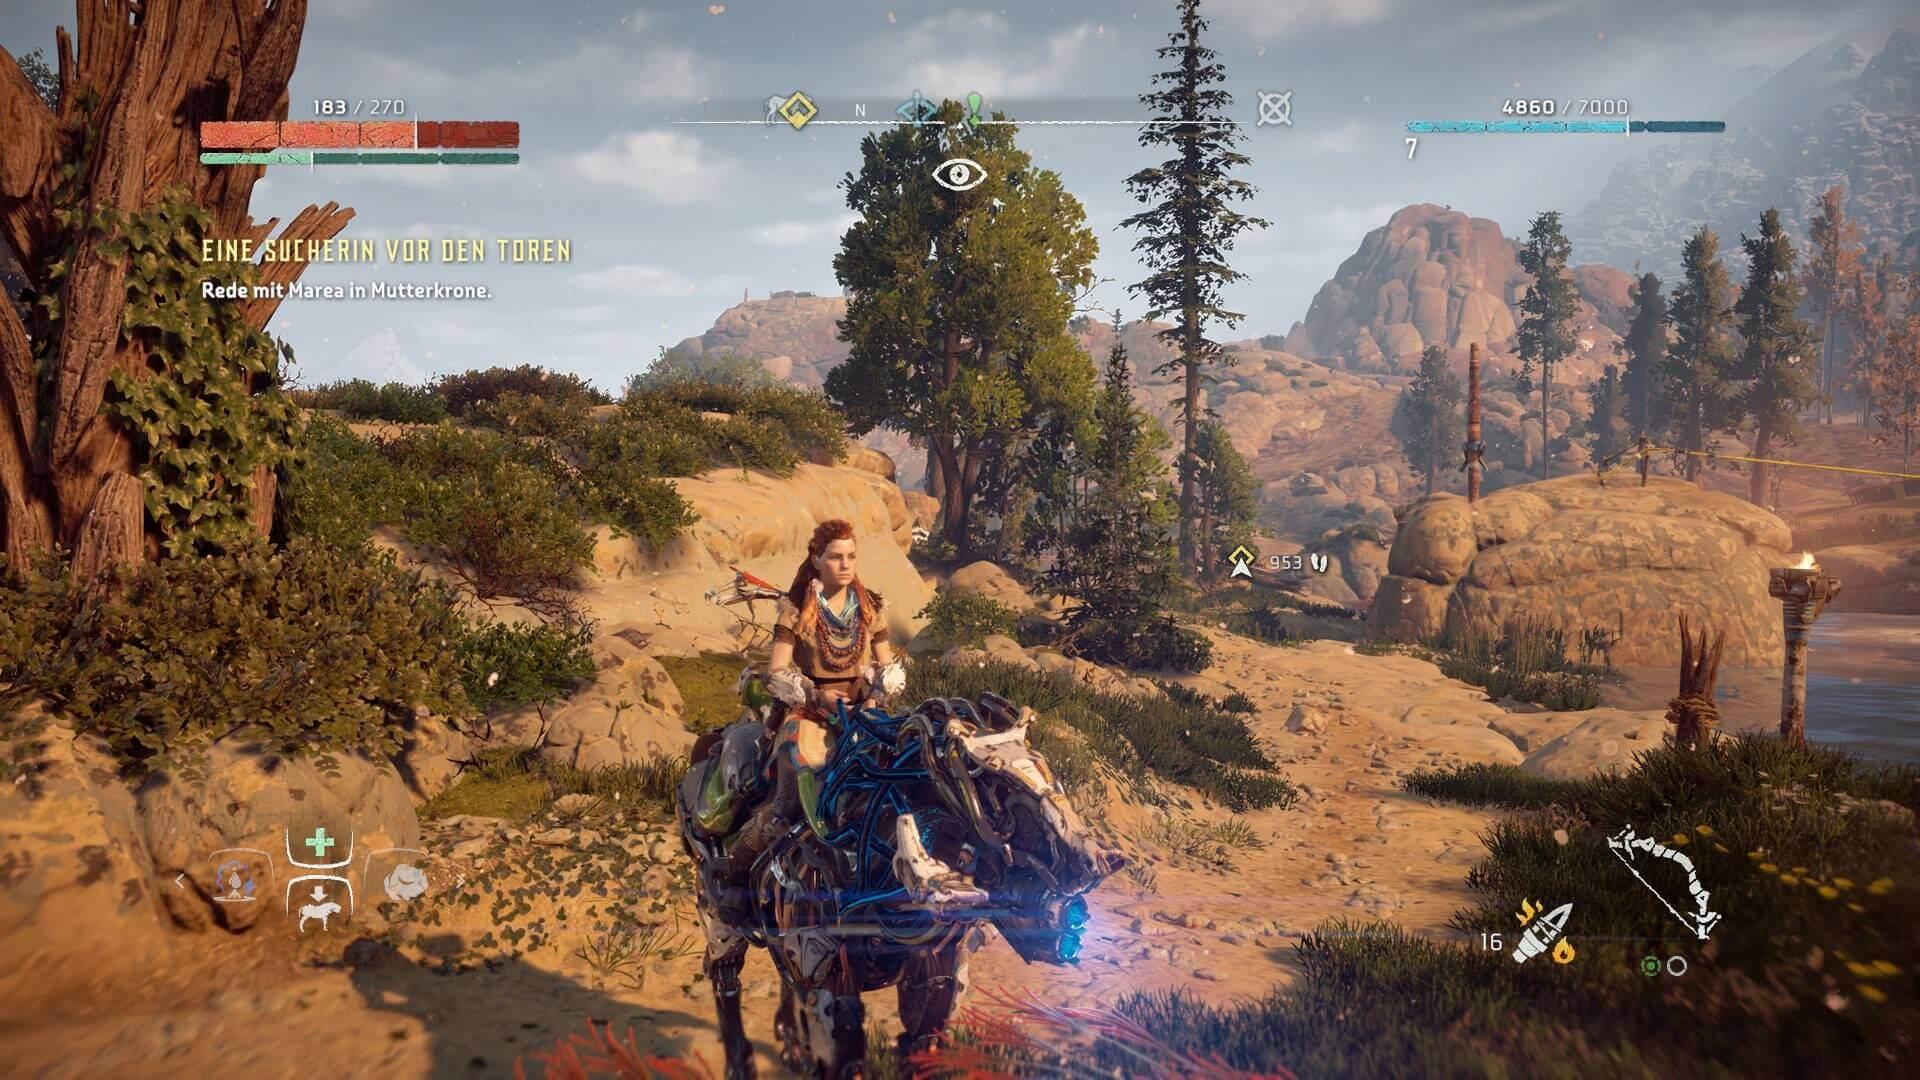 Das actionreichen Rollenspiel Horizon Zero Down gibt es nur für die PS4